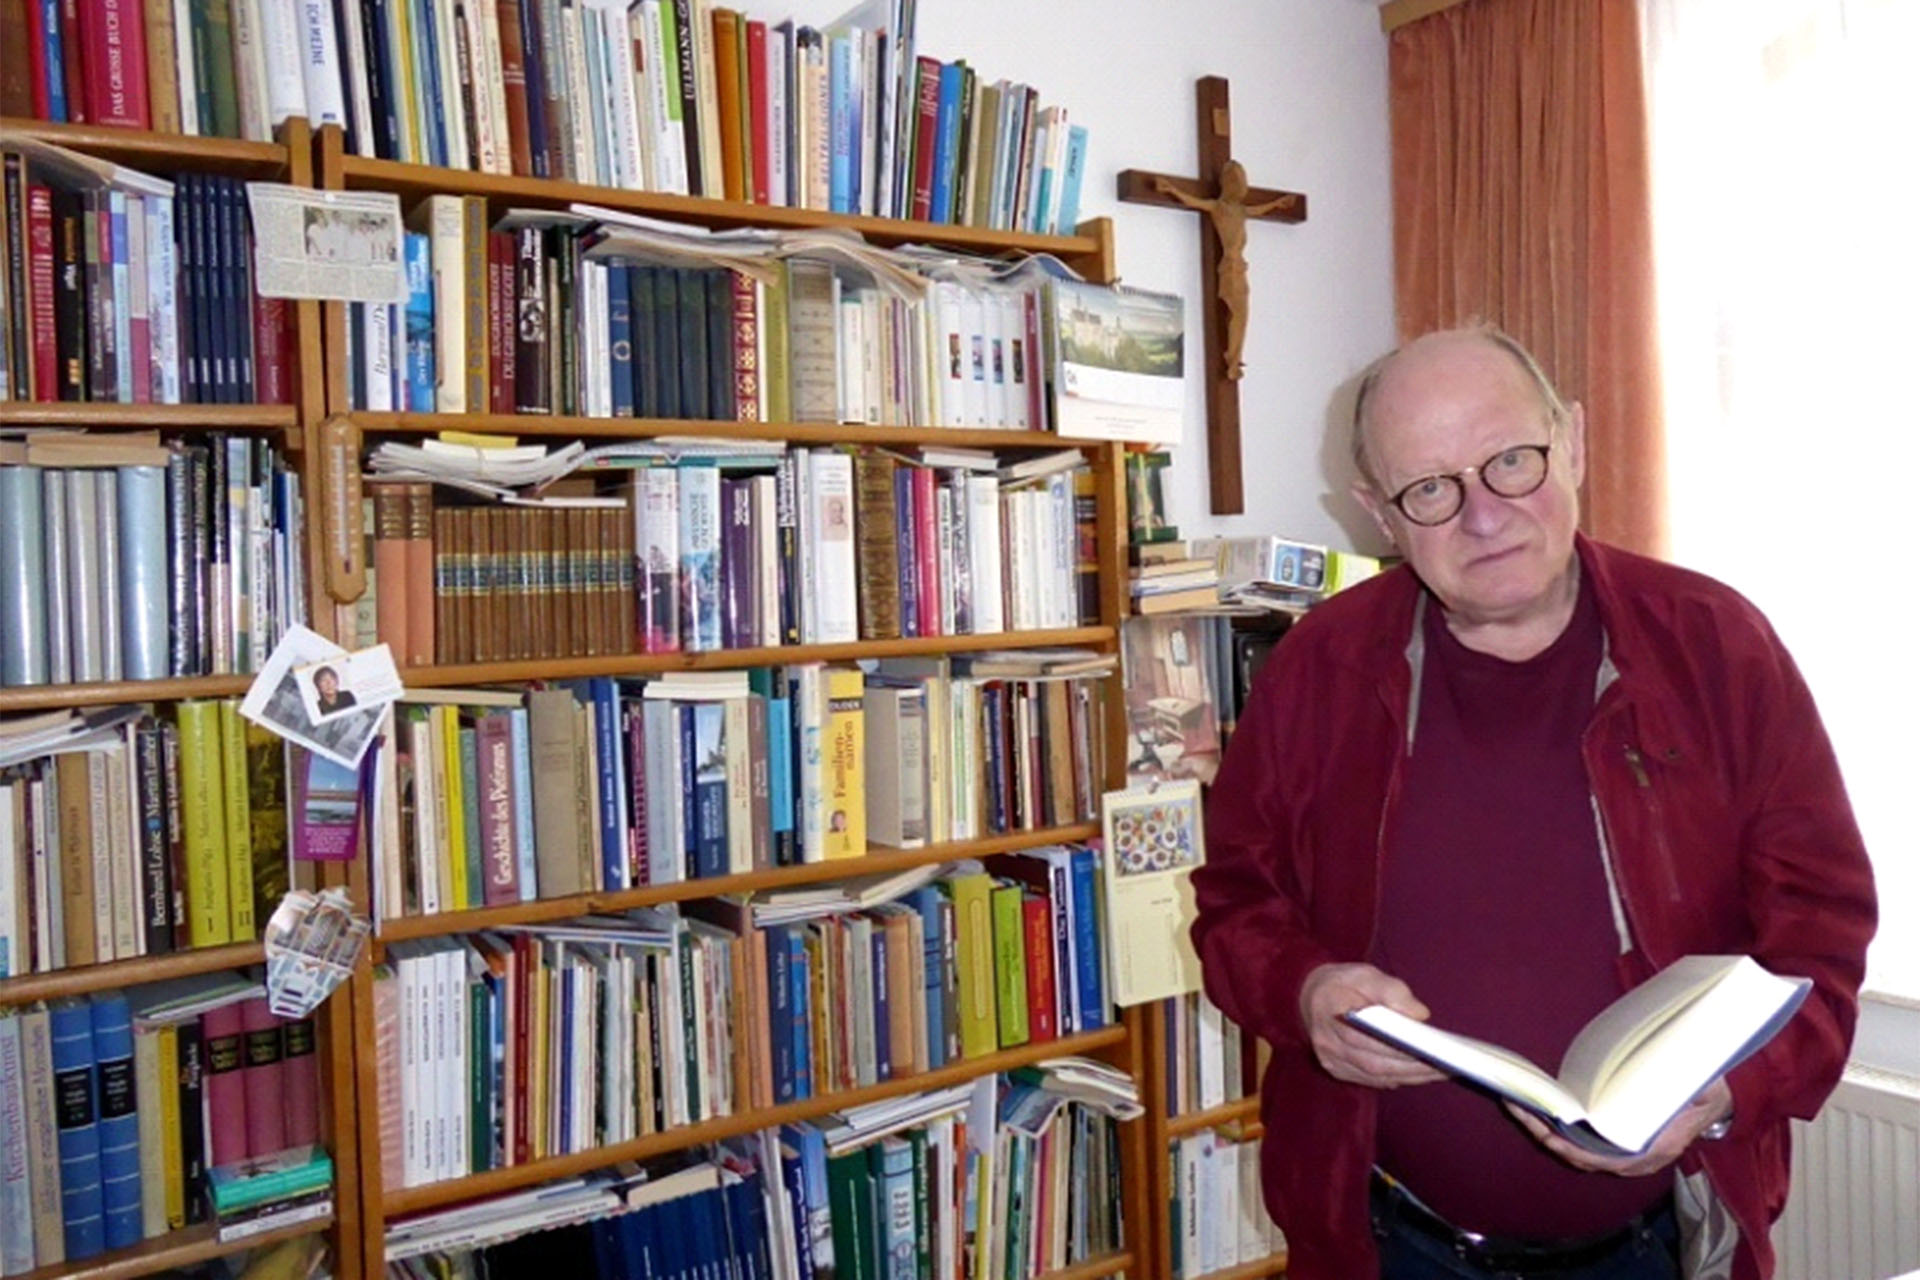 Helmut Warmuth